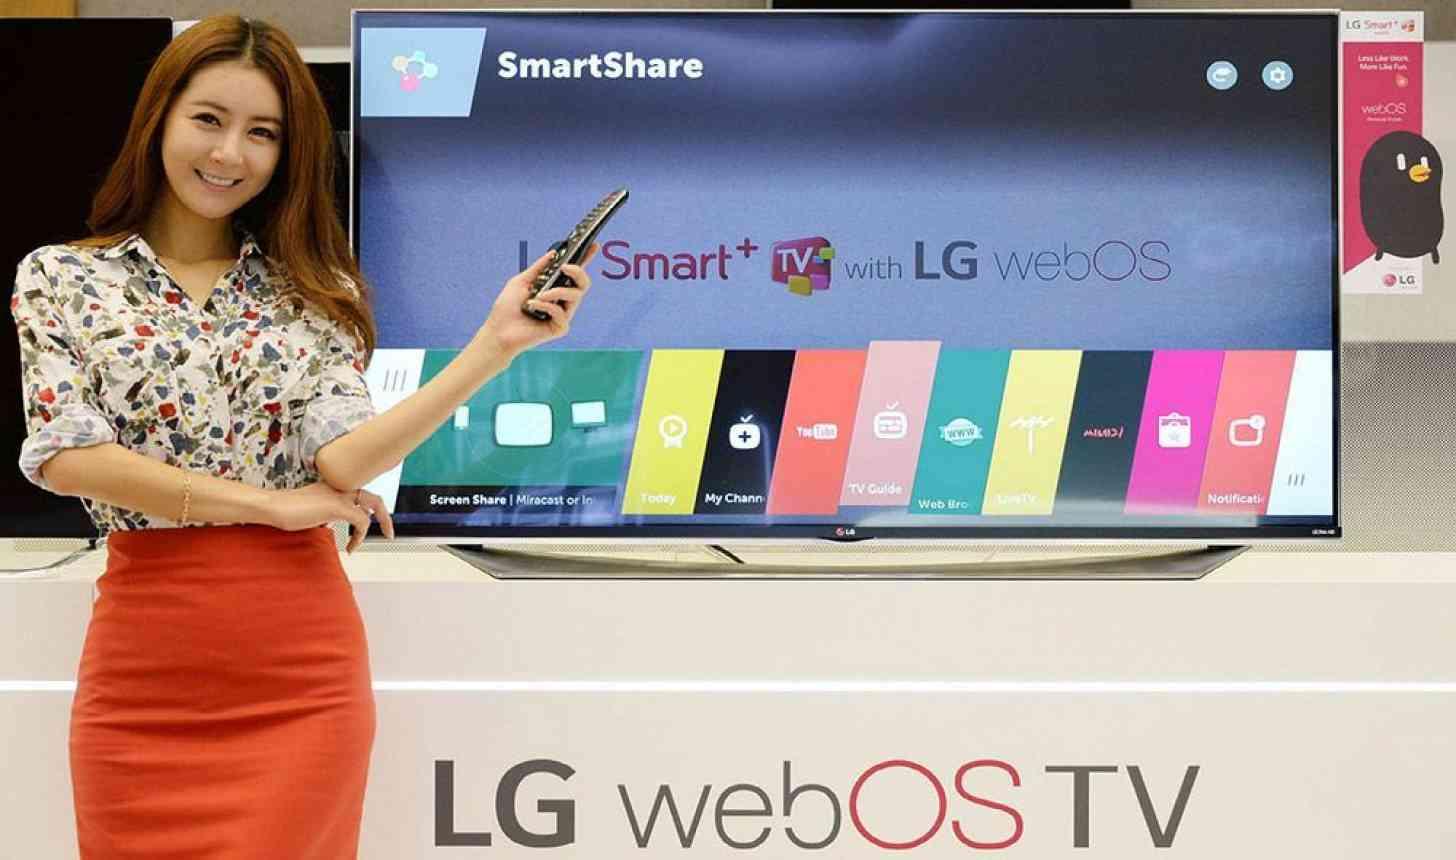 LG webOS 3.5